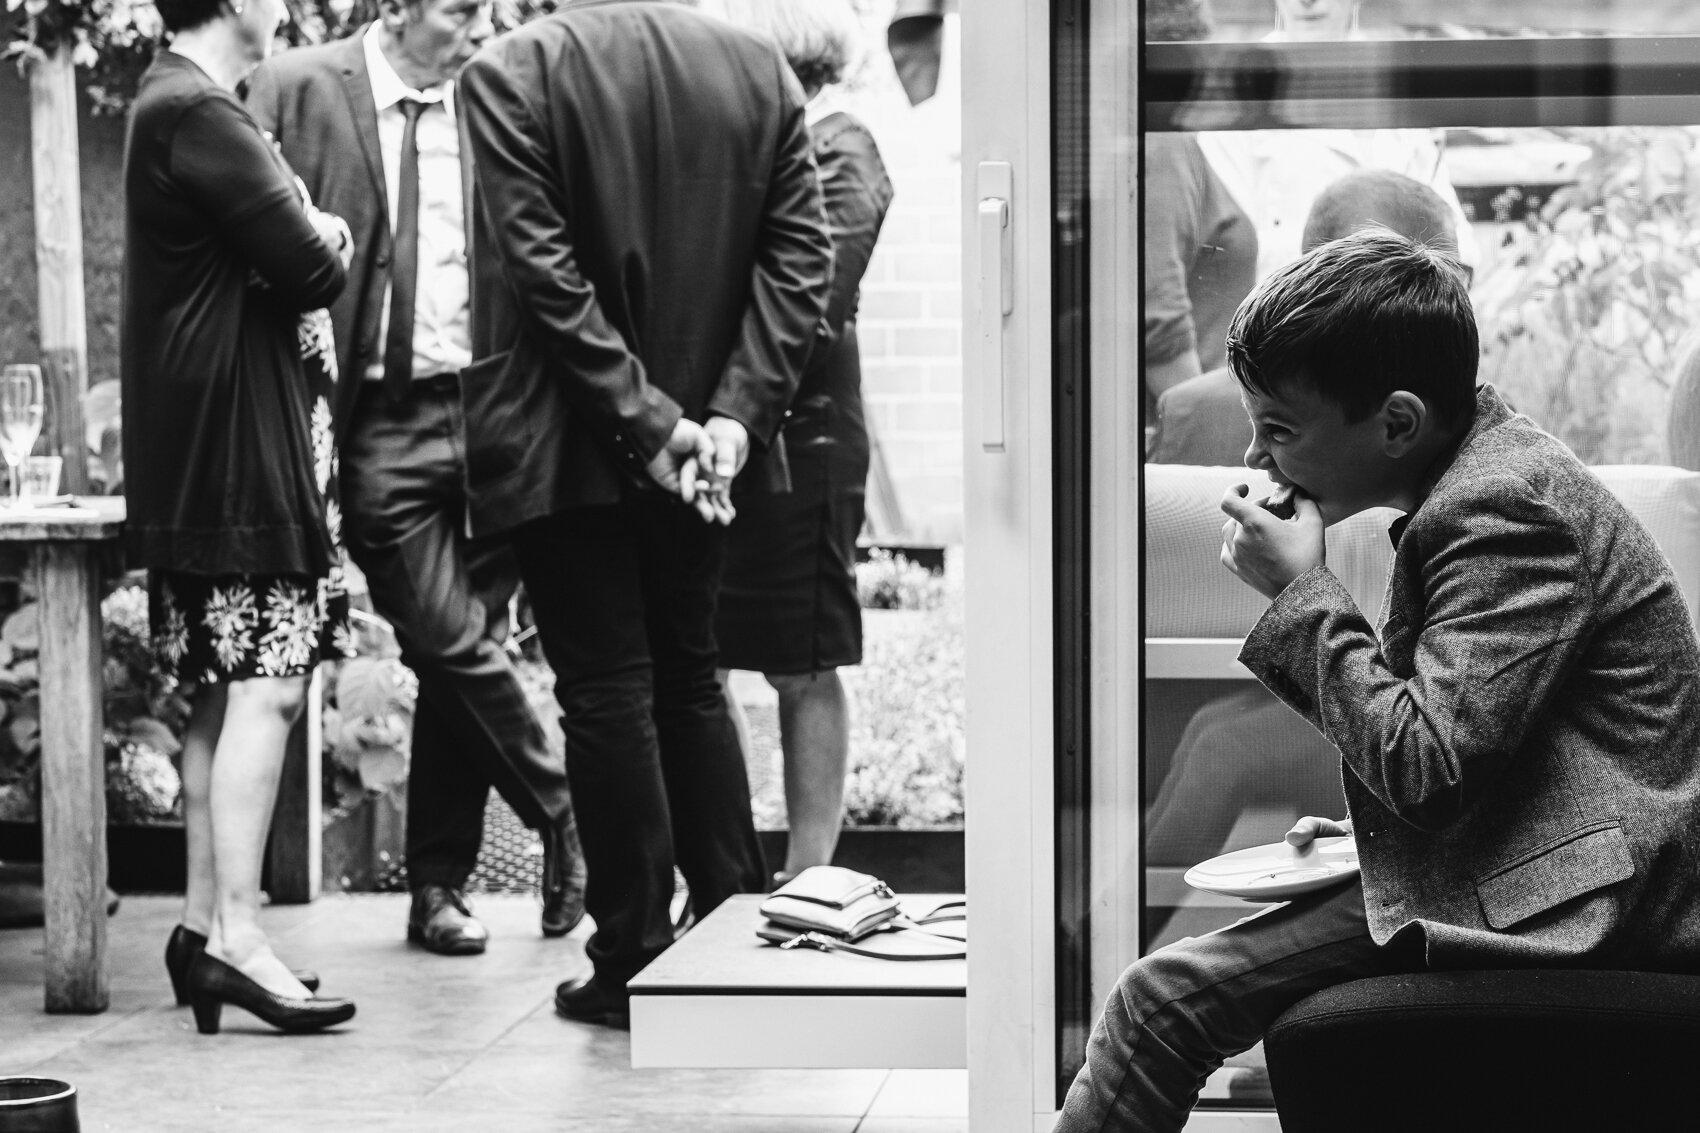 iso800 - huwelijksfotograaf goele kris den eyck kasterlee-6.jpg